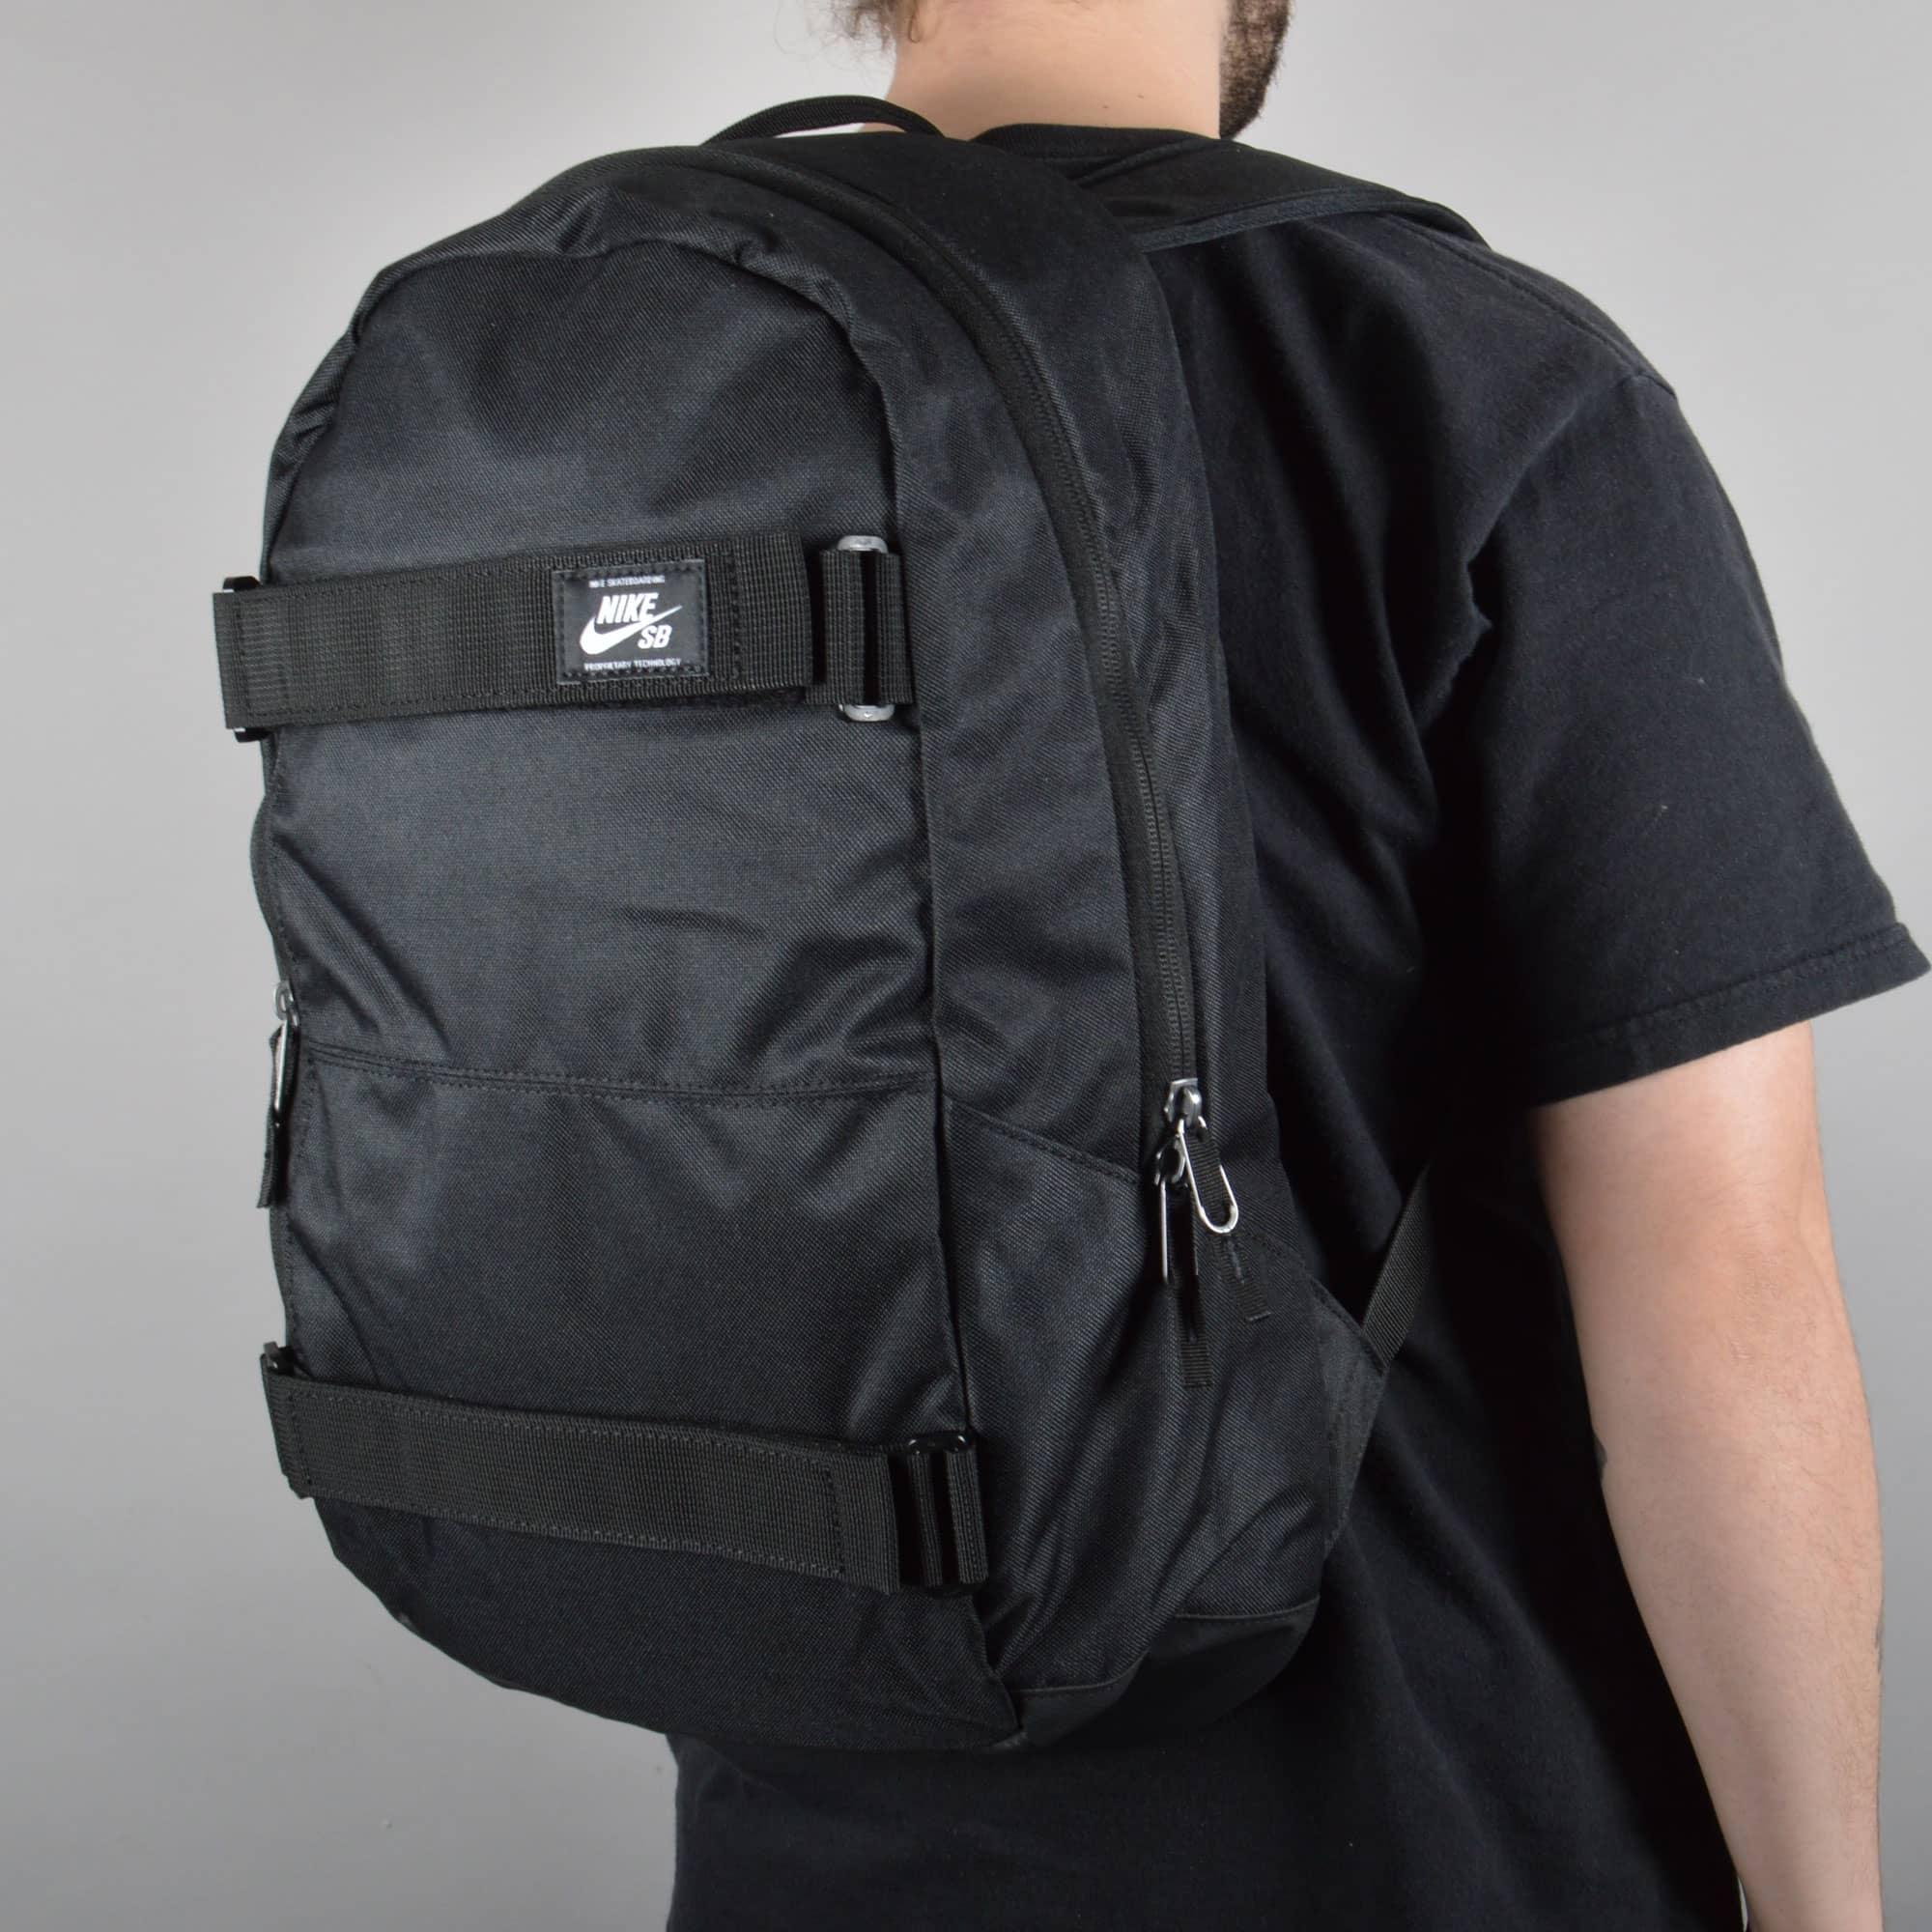 Nike SB Courthouse Skate Backpack - Black/Black/White